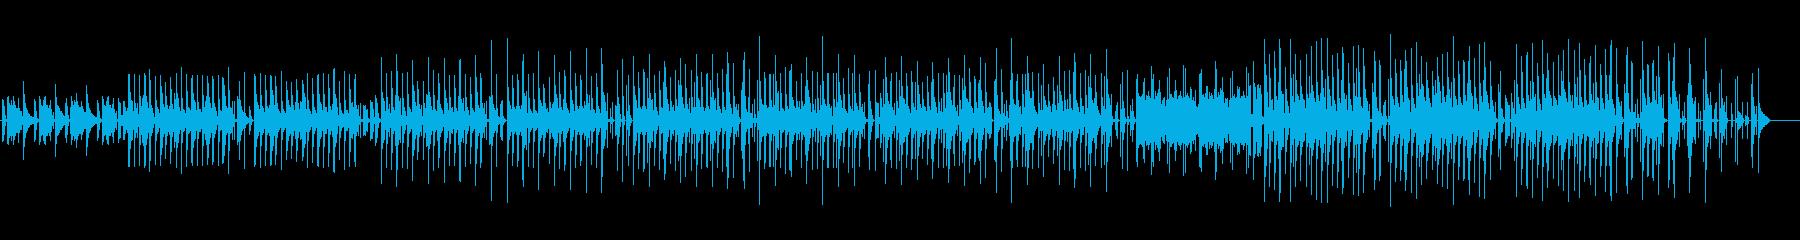 ■まったりワルツ・ピアノ・マリンバの再生済みの波形